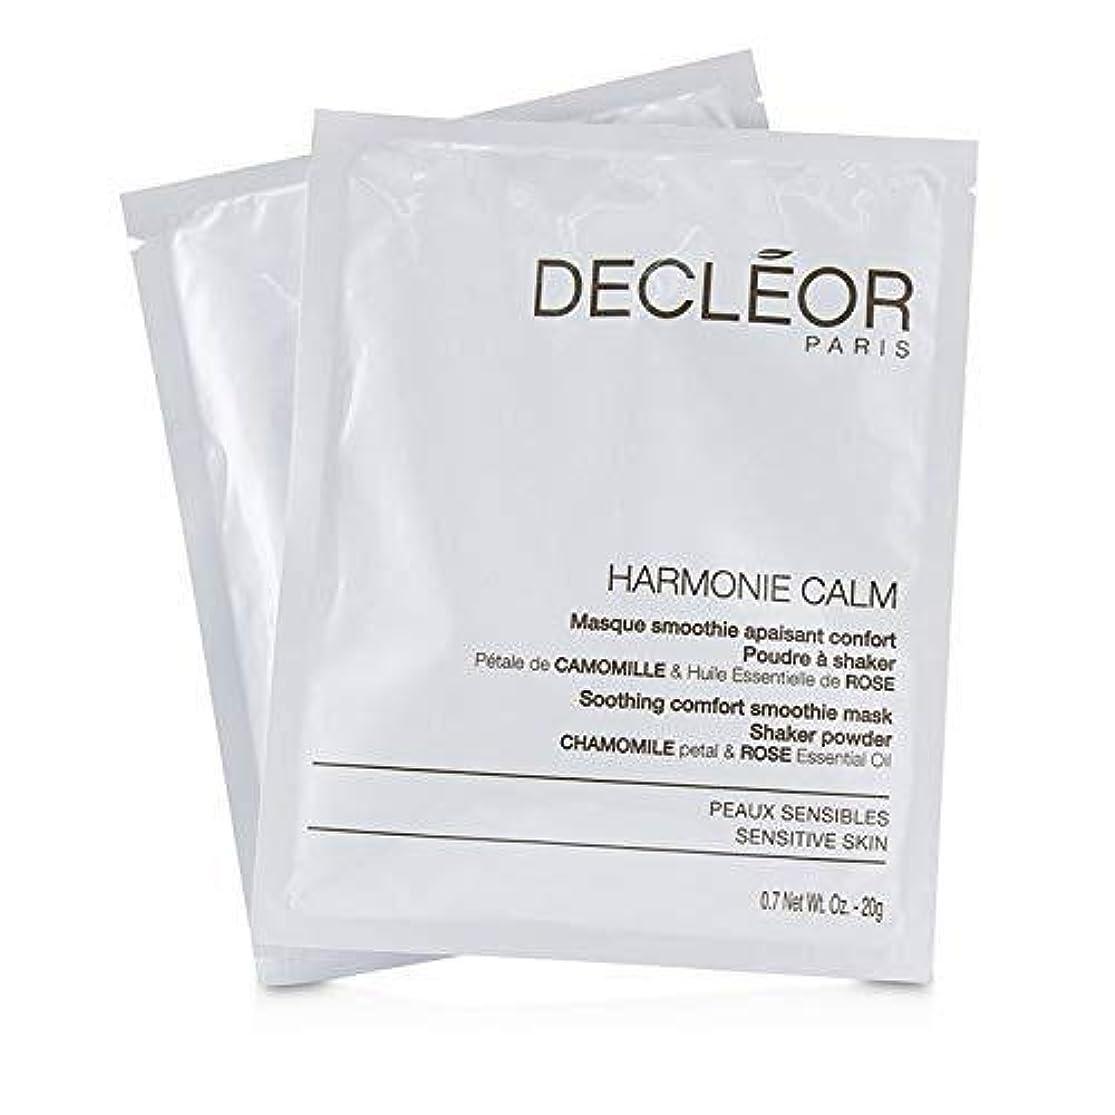 地下鉄自殺豚肉デクレオール Harmonie Calm Soothing Comfort Smoothie Mask Shaker Powder - For Sensitive Skin (Salon Product) 5x20g/0.7oz並行輸入品